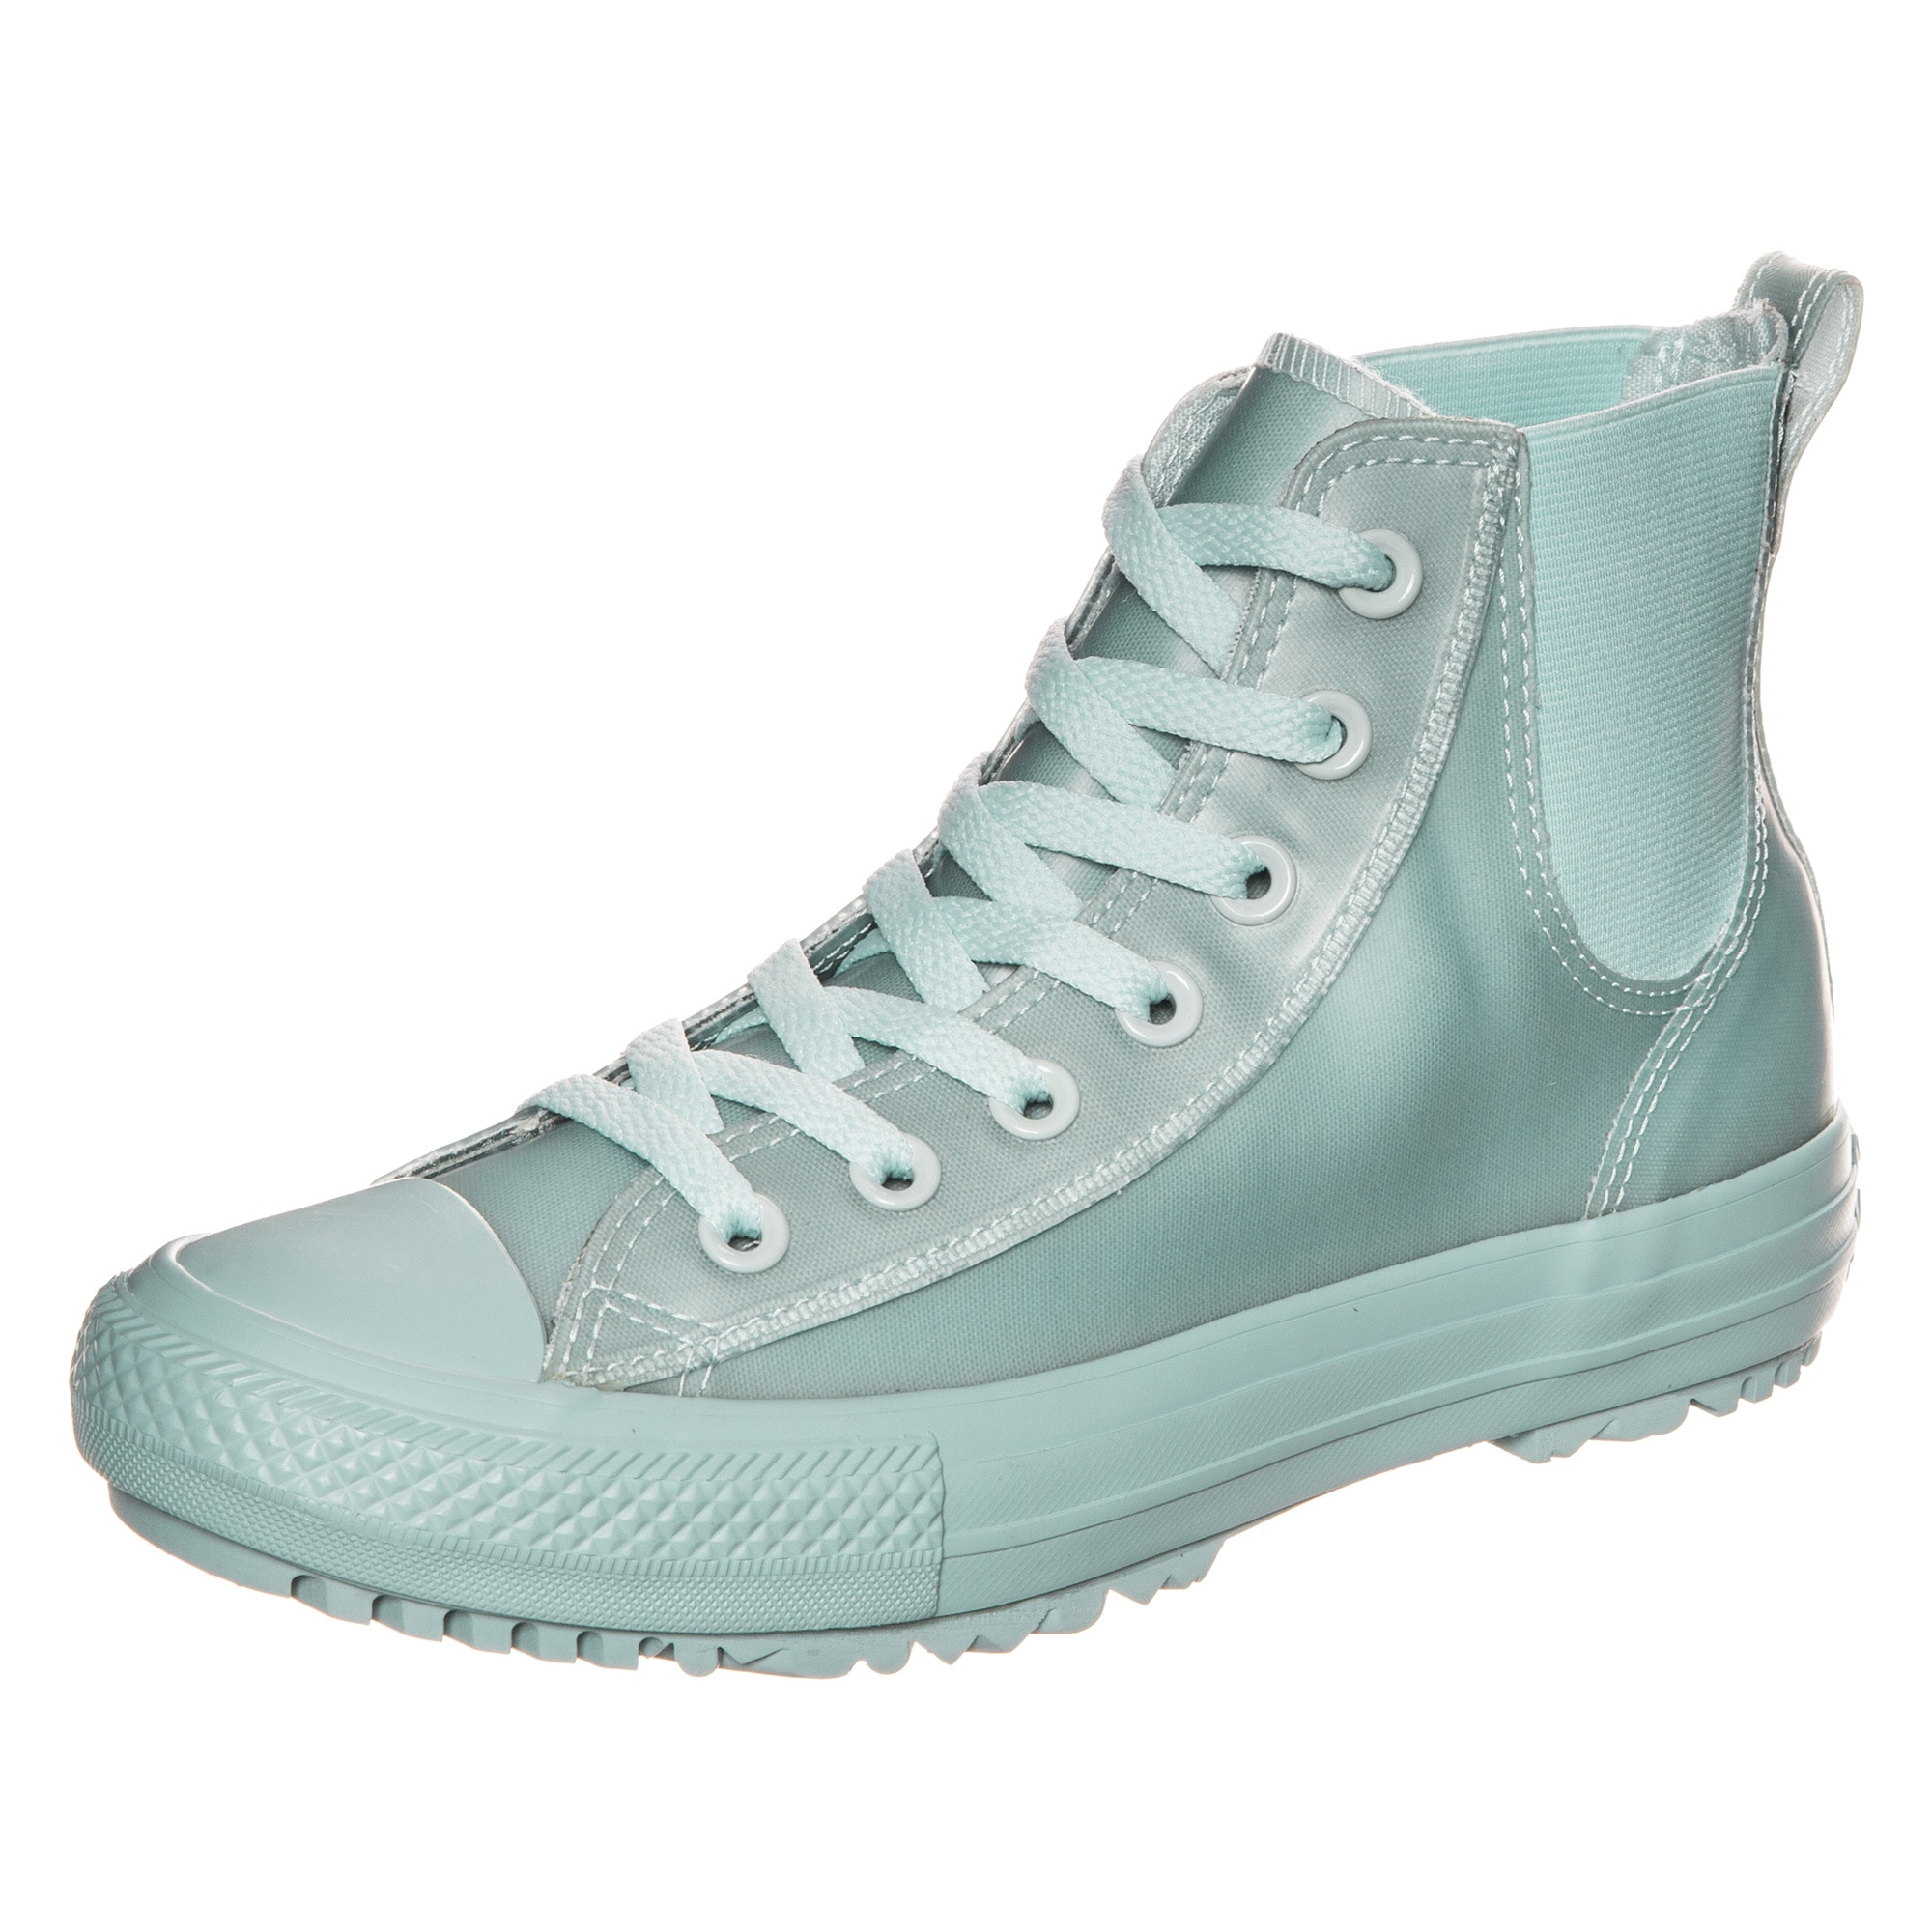 Converse Chuck Taylor High All Star Chelsea Boot High Taylor Sneaker Damen  online kaufen | Gutes Preis-Leistungs-Verhältnis, es lohnt sich 03ba28